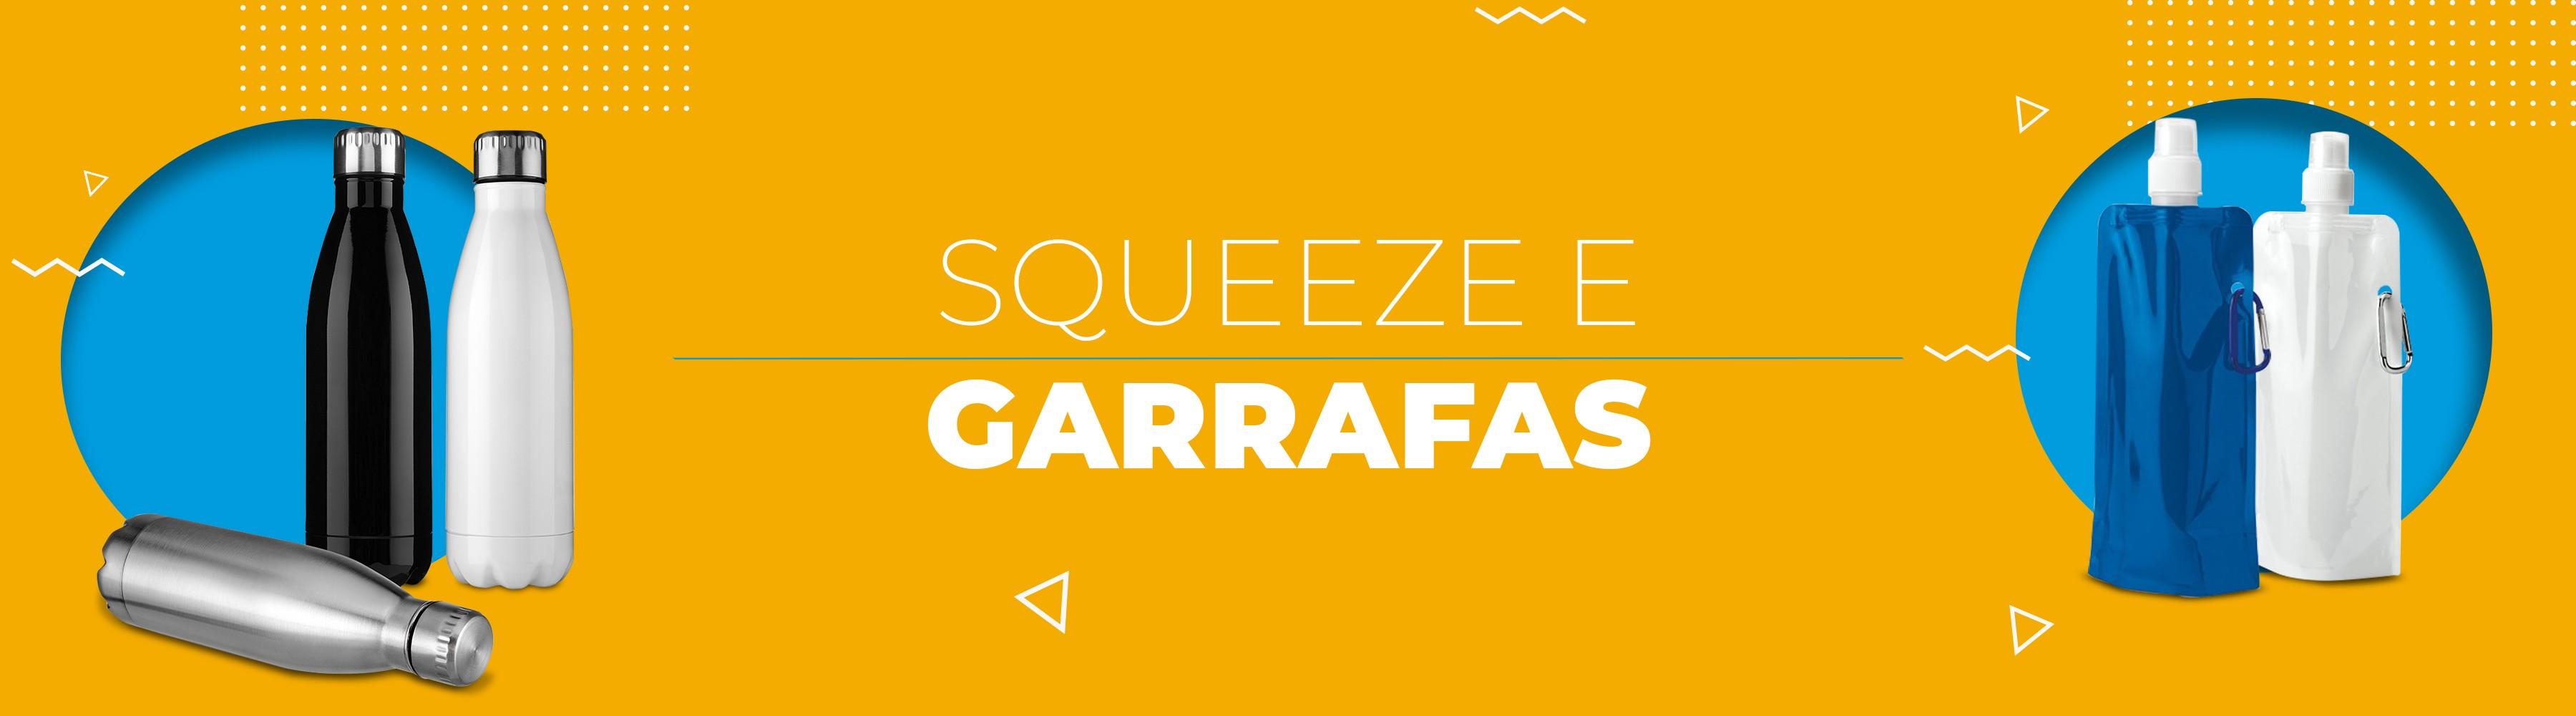 Squeeze e Garrafas